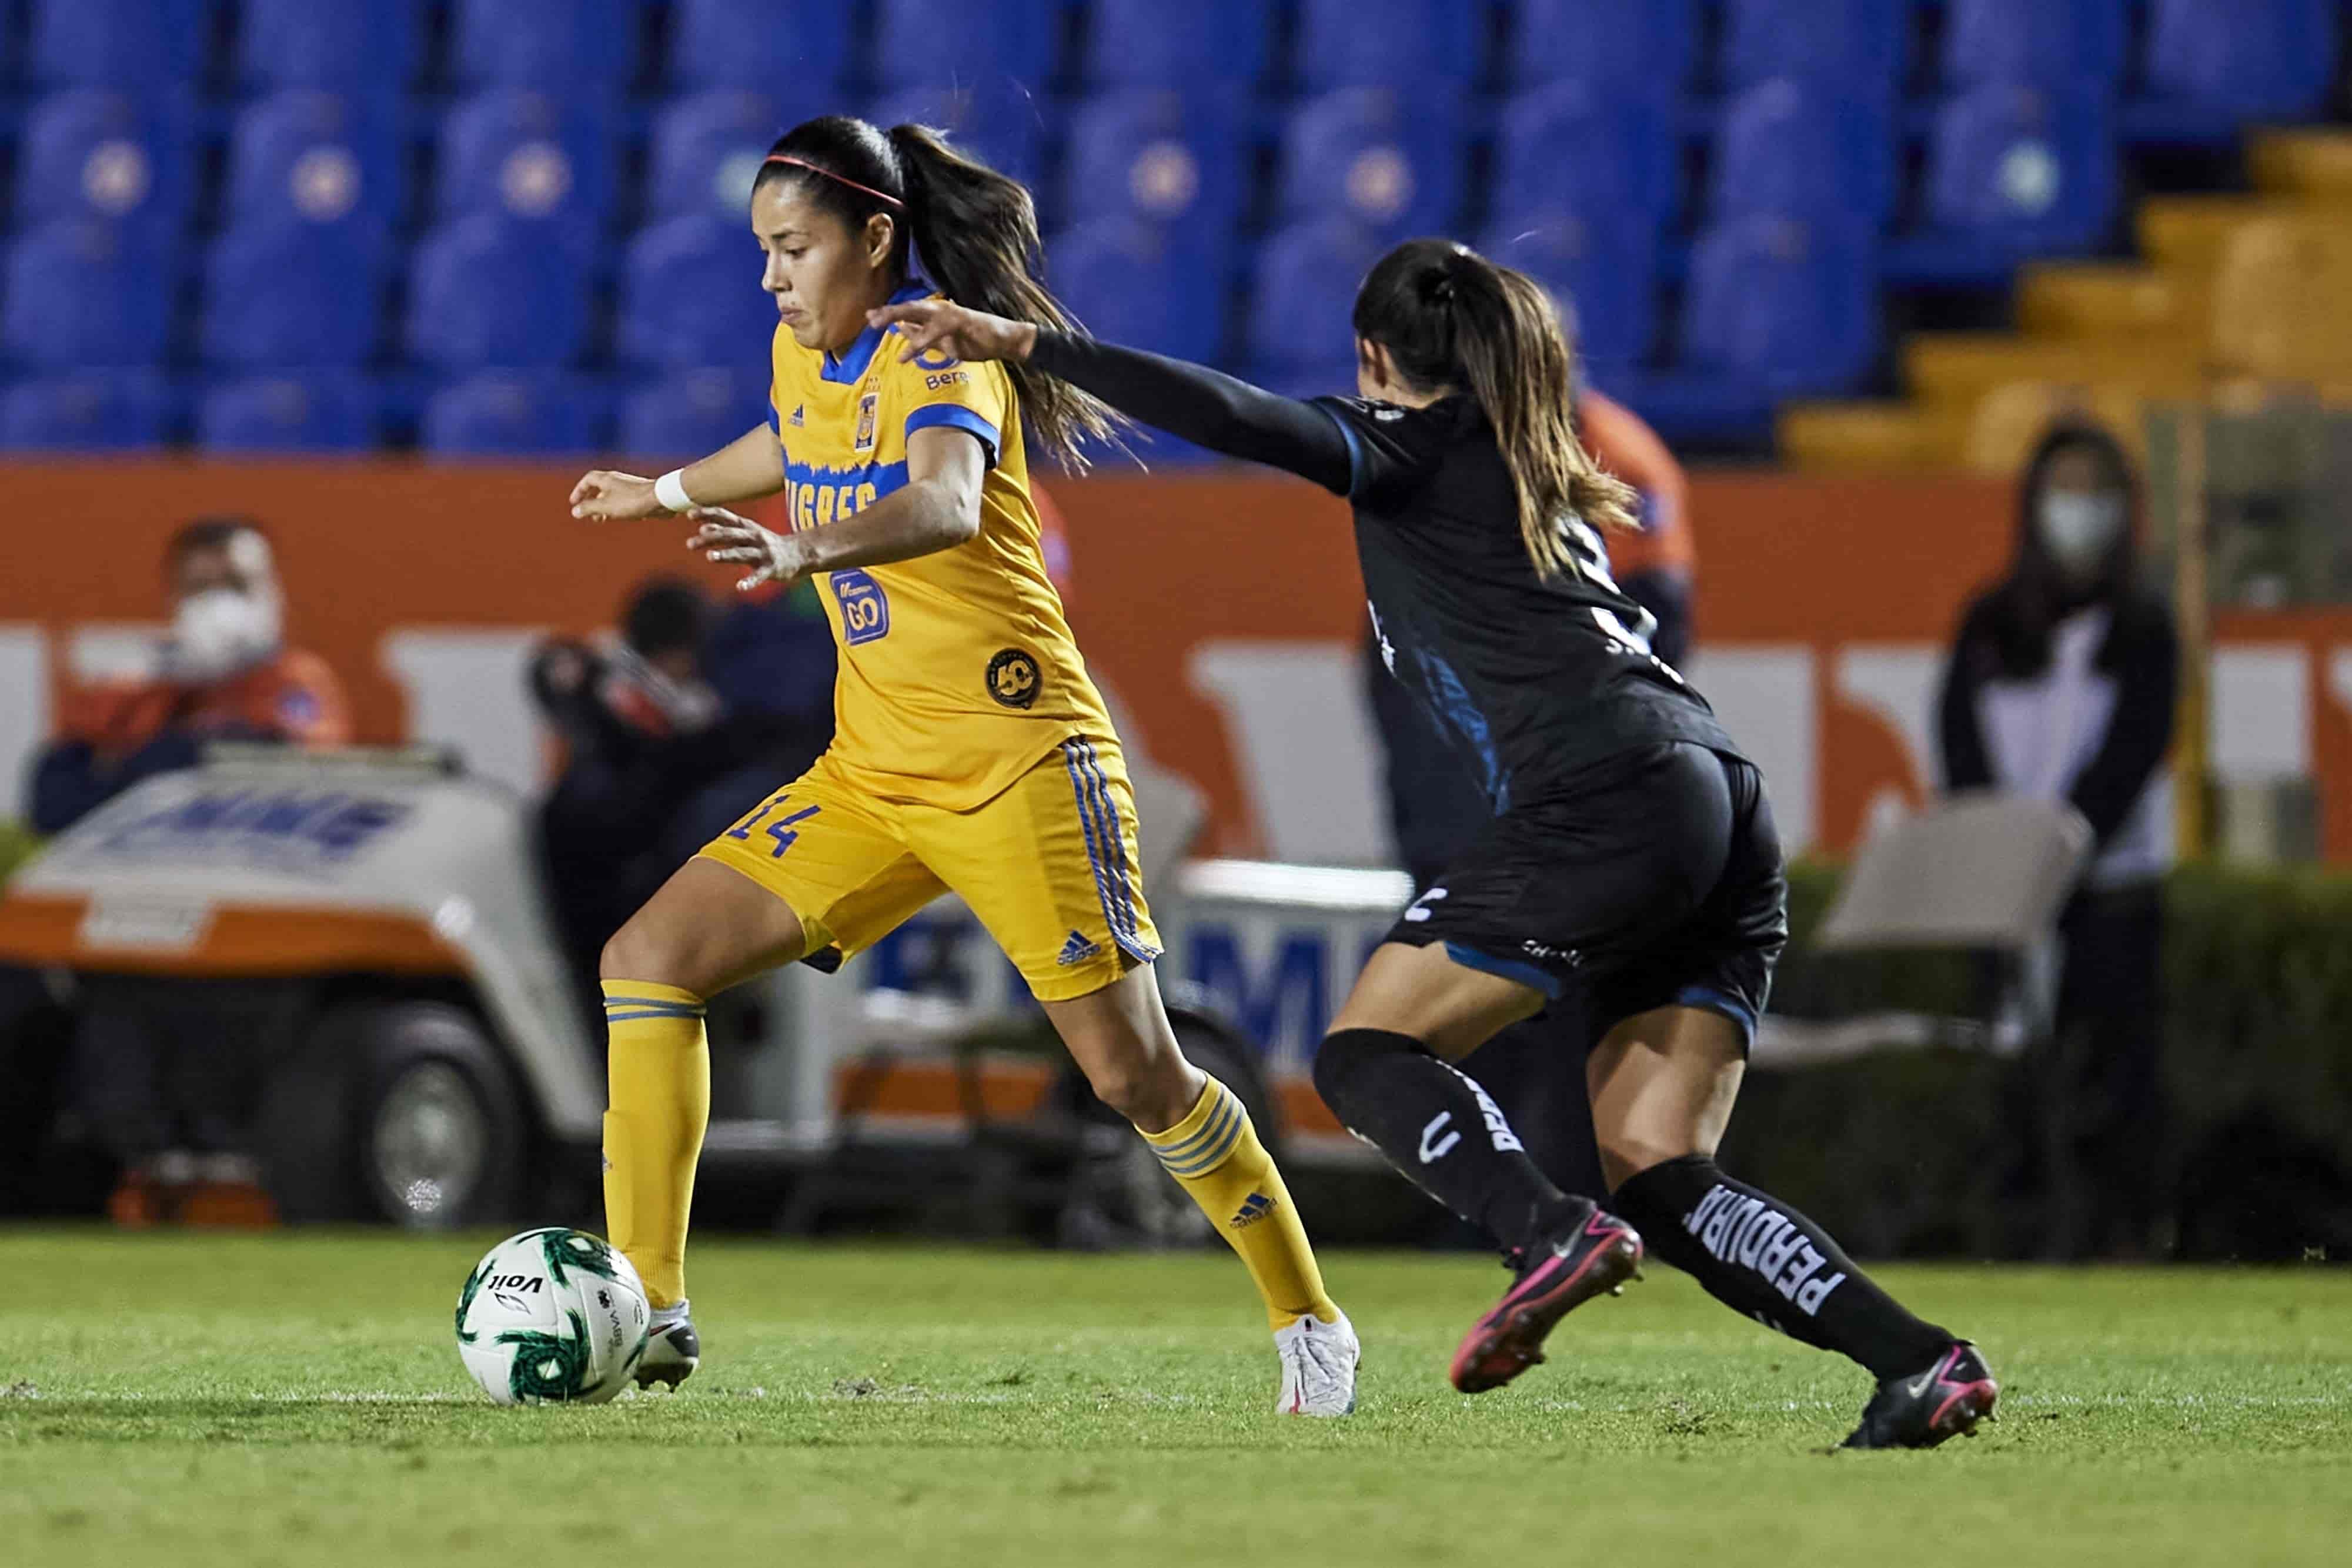 Tigres 4-0 Querétaro marcador global